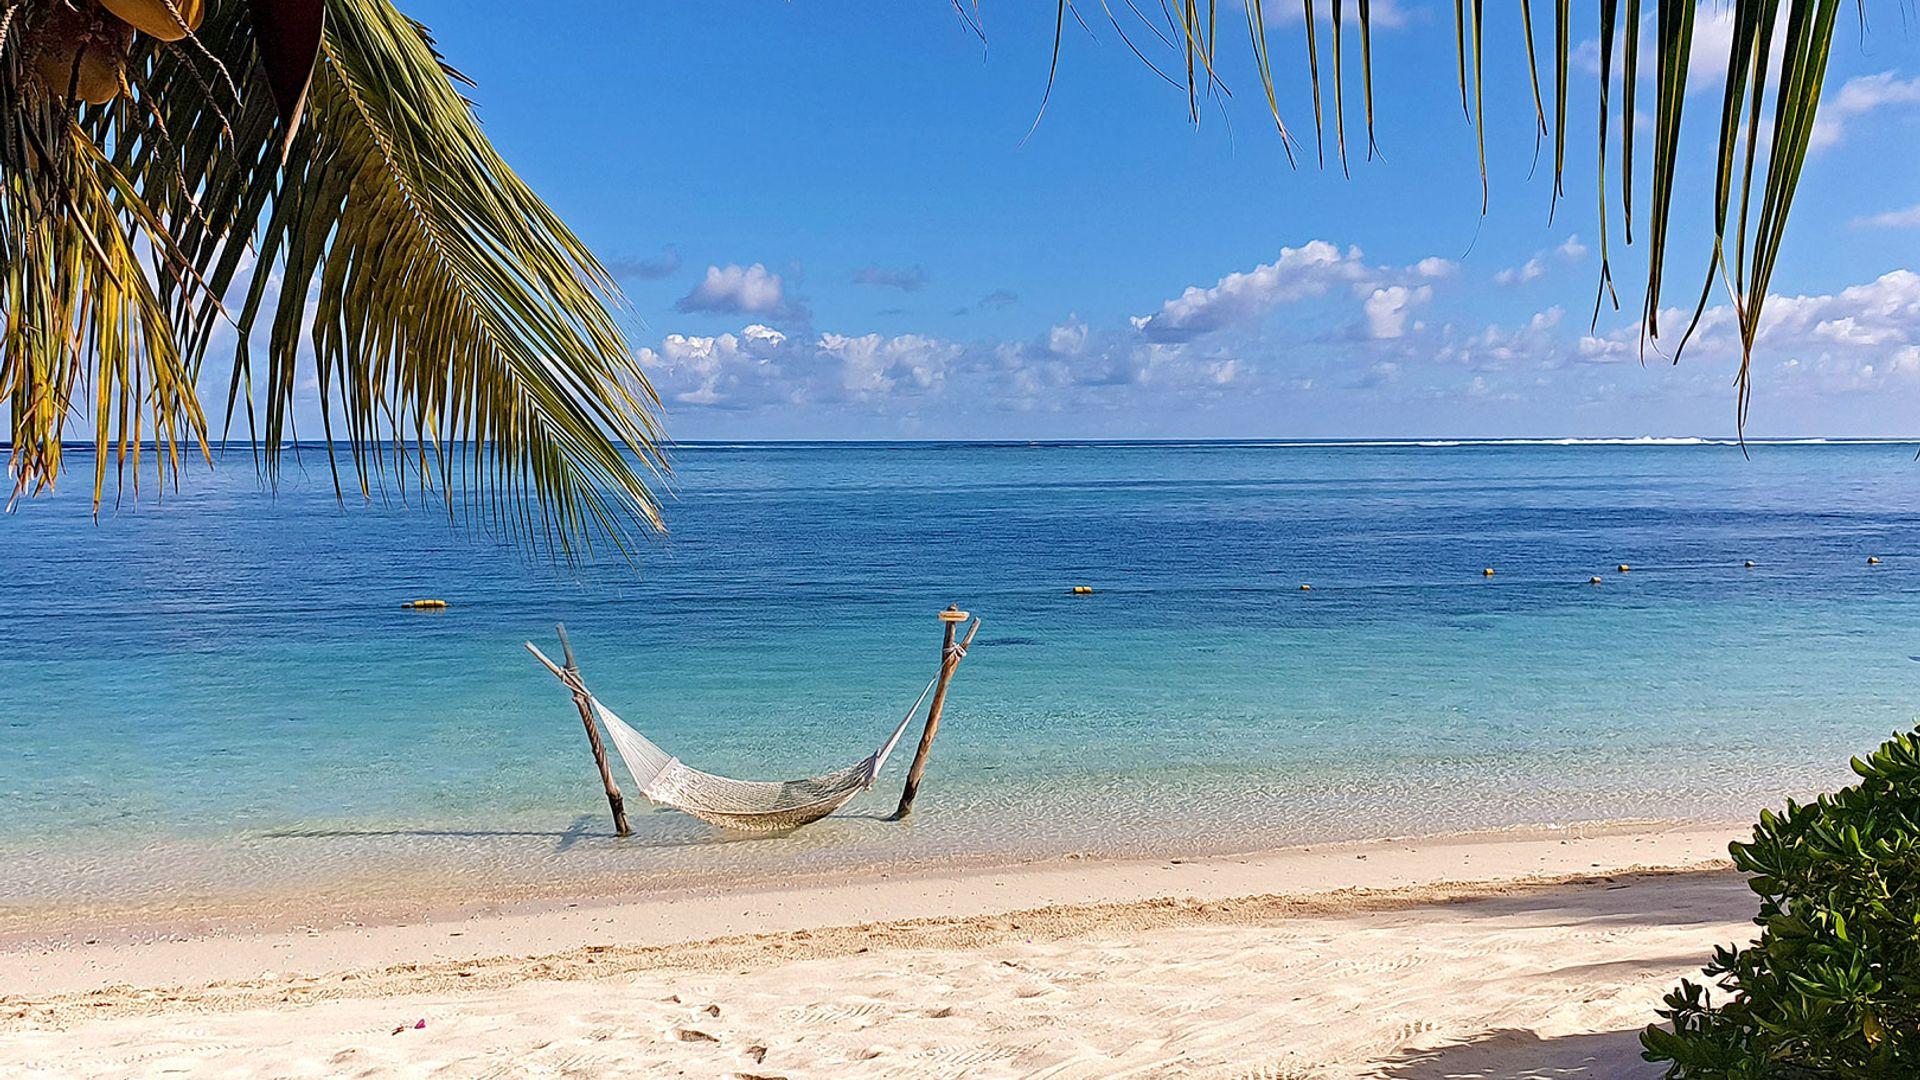 Sejur plaja Mauritius, 12 zile - 23 ianuarie 2022